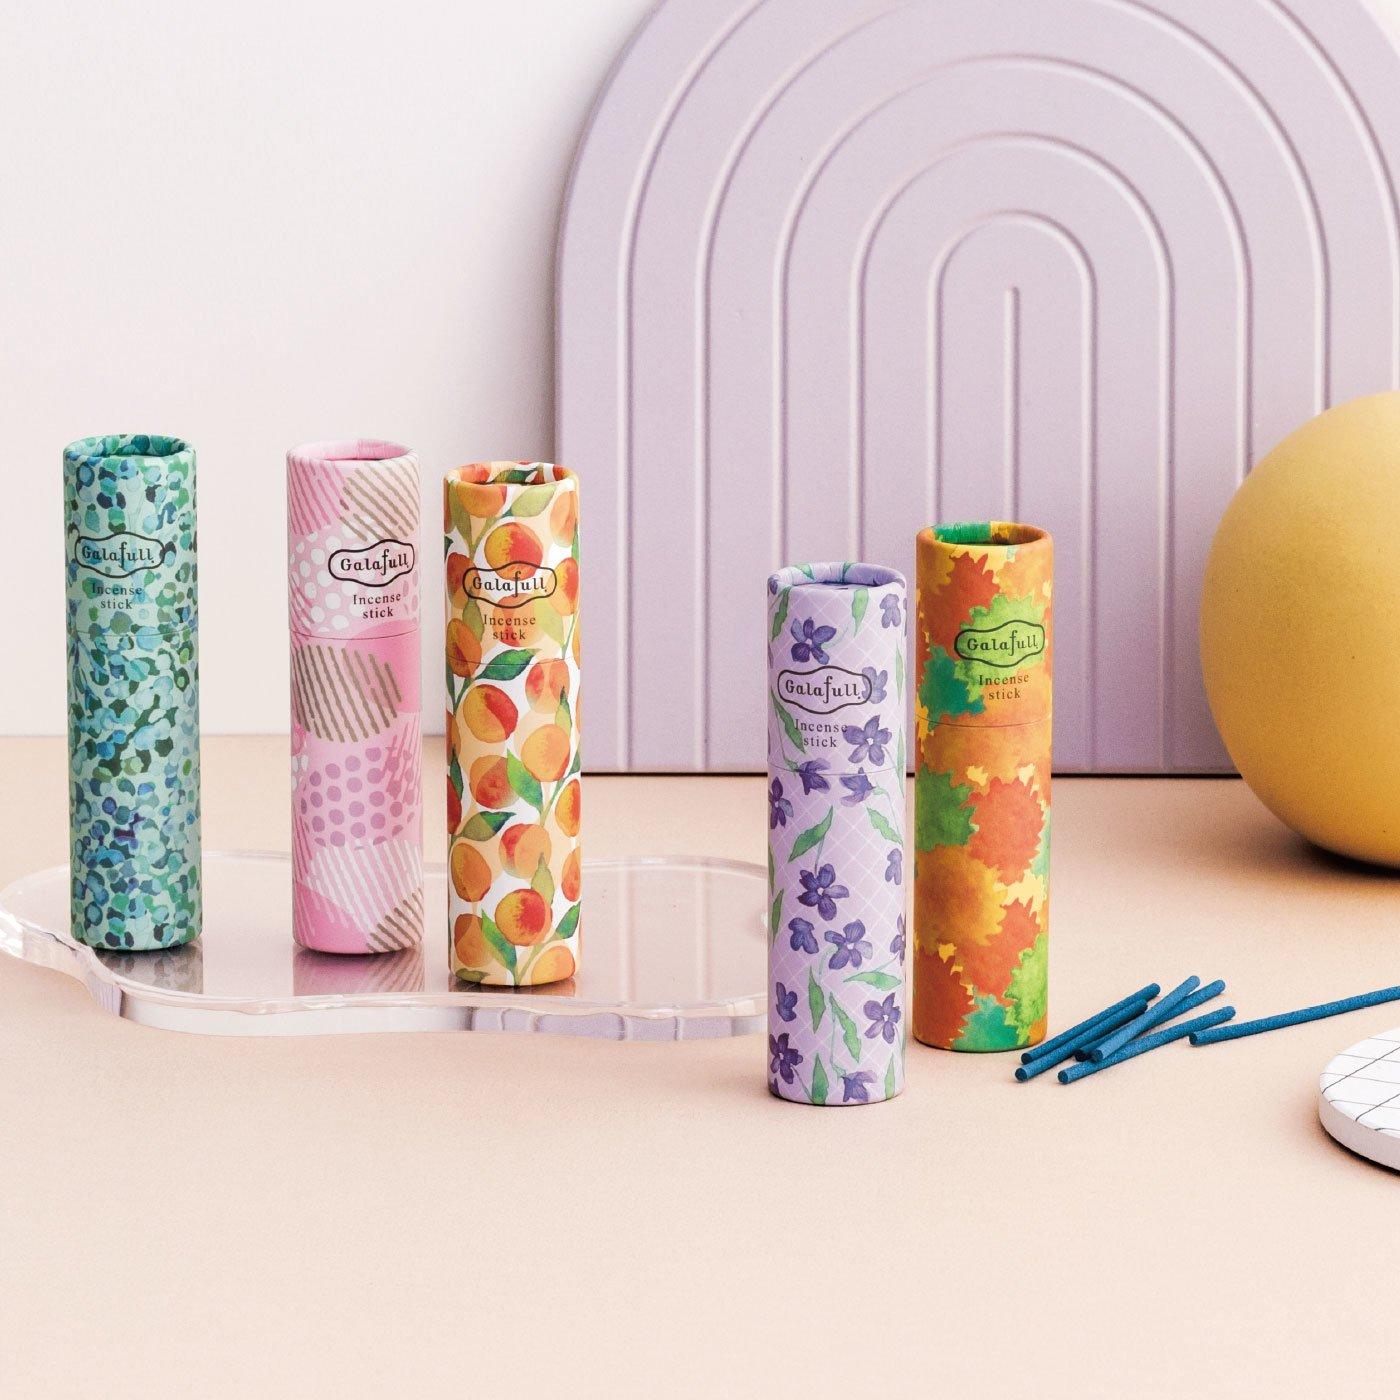 ガラフル すきま時間に香り咲かせる スティック香セットの会